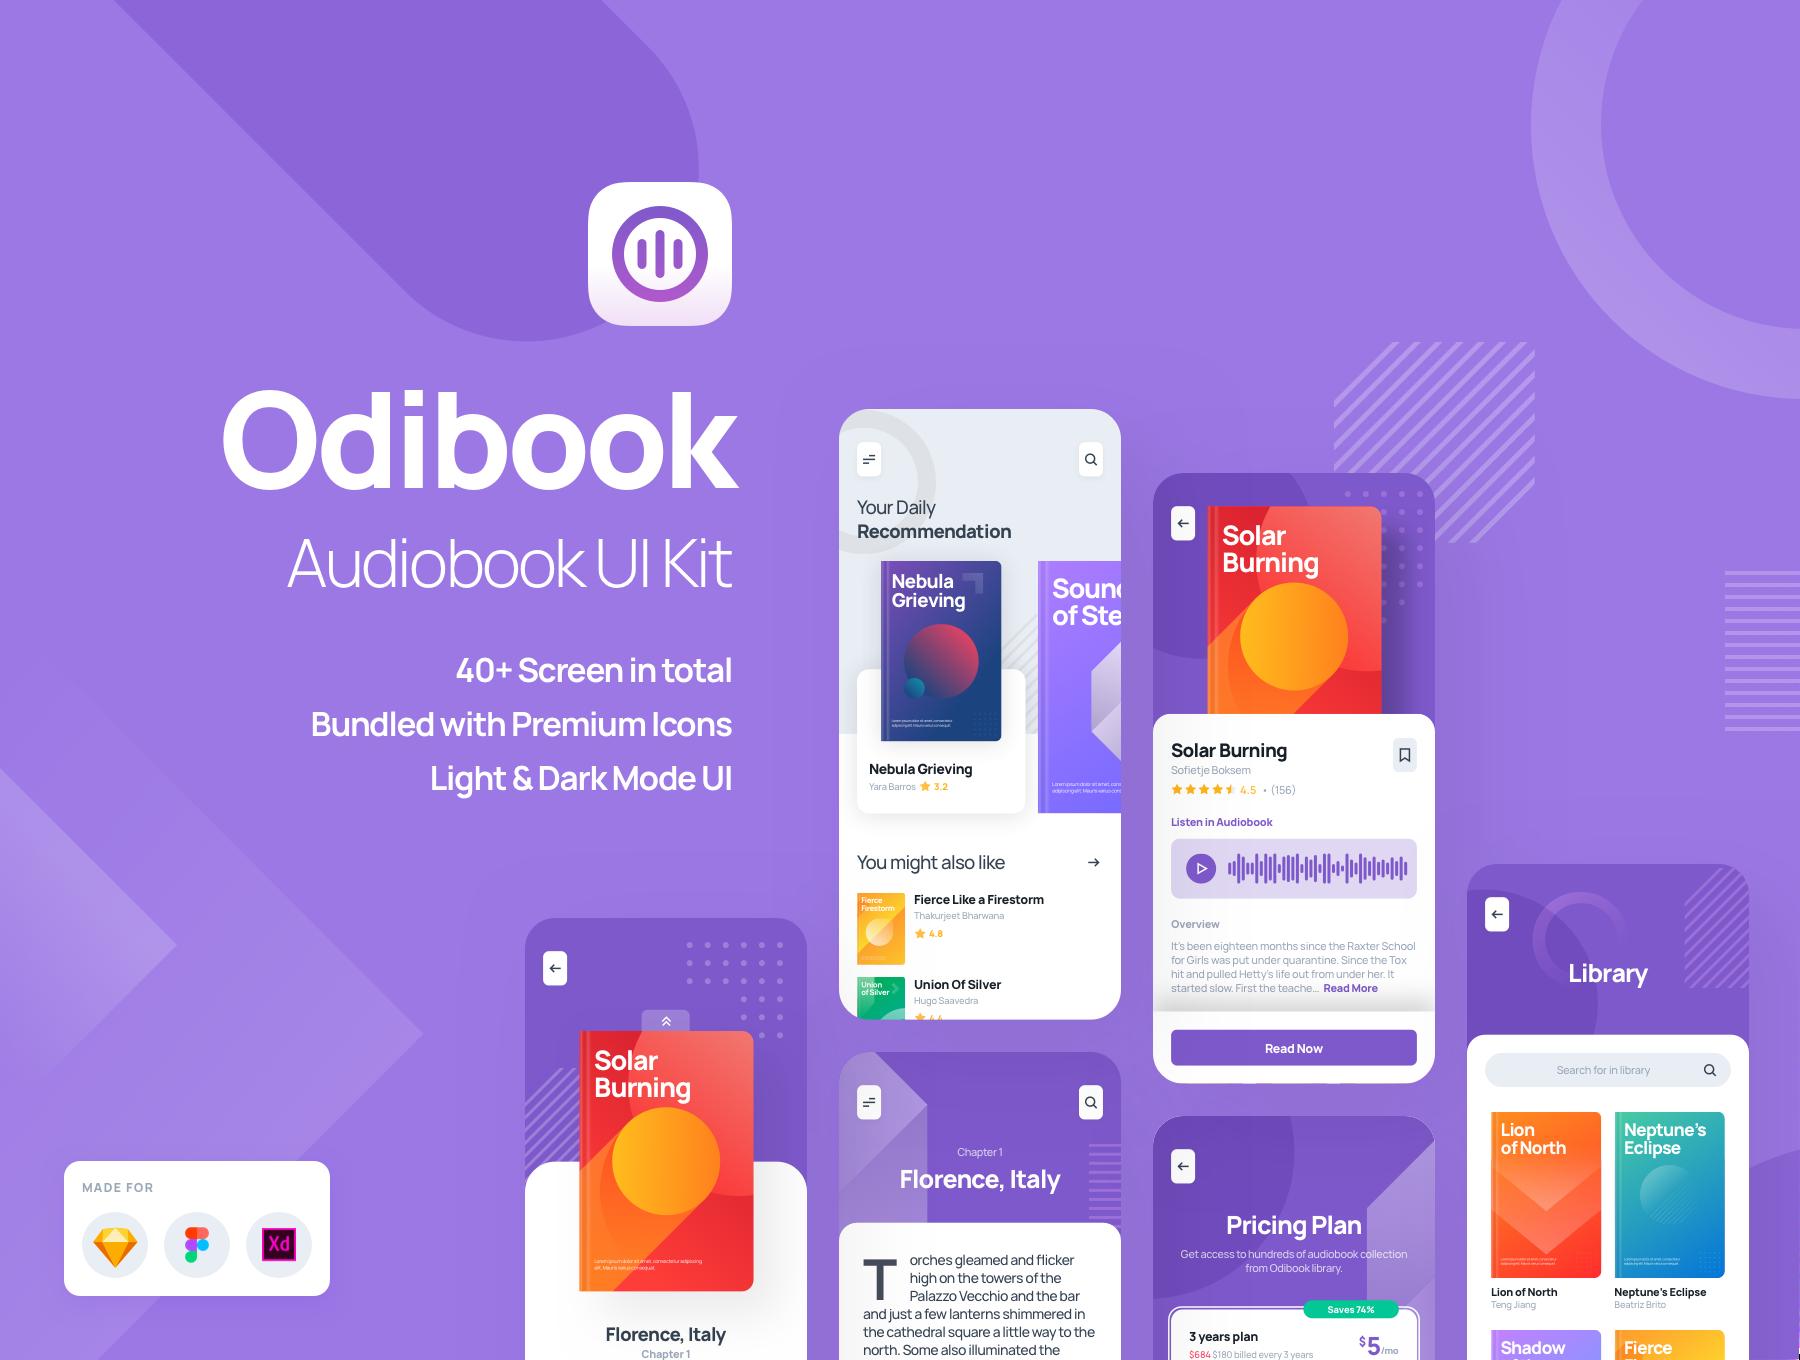 电子书在线阅读APP应用程序UI界面设计套件 Odibook – Audiobook UI Kit插图